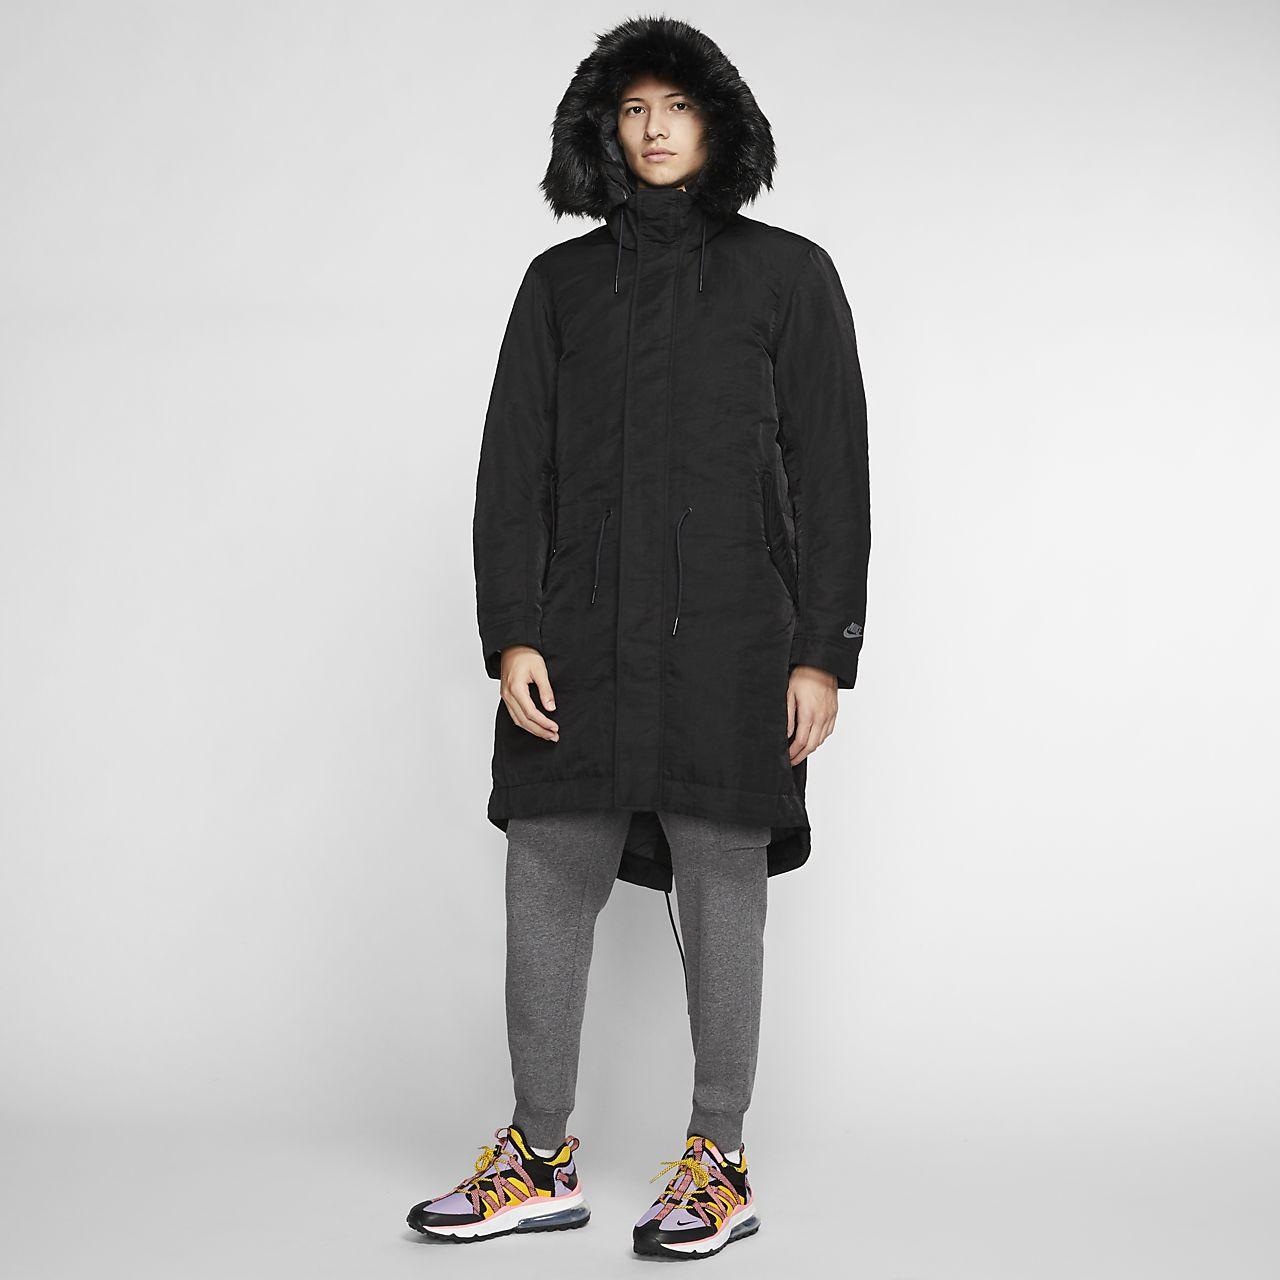 Nike Sportswear Down Fill 男子连帽外套